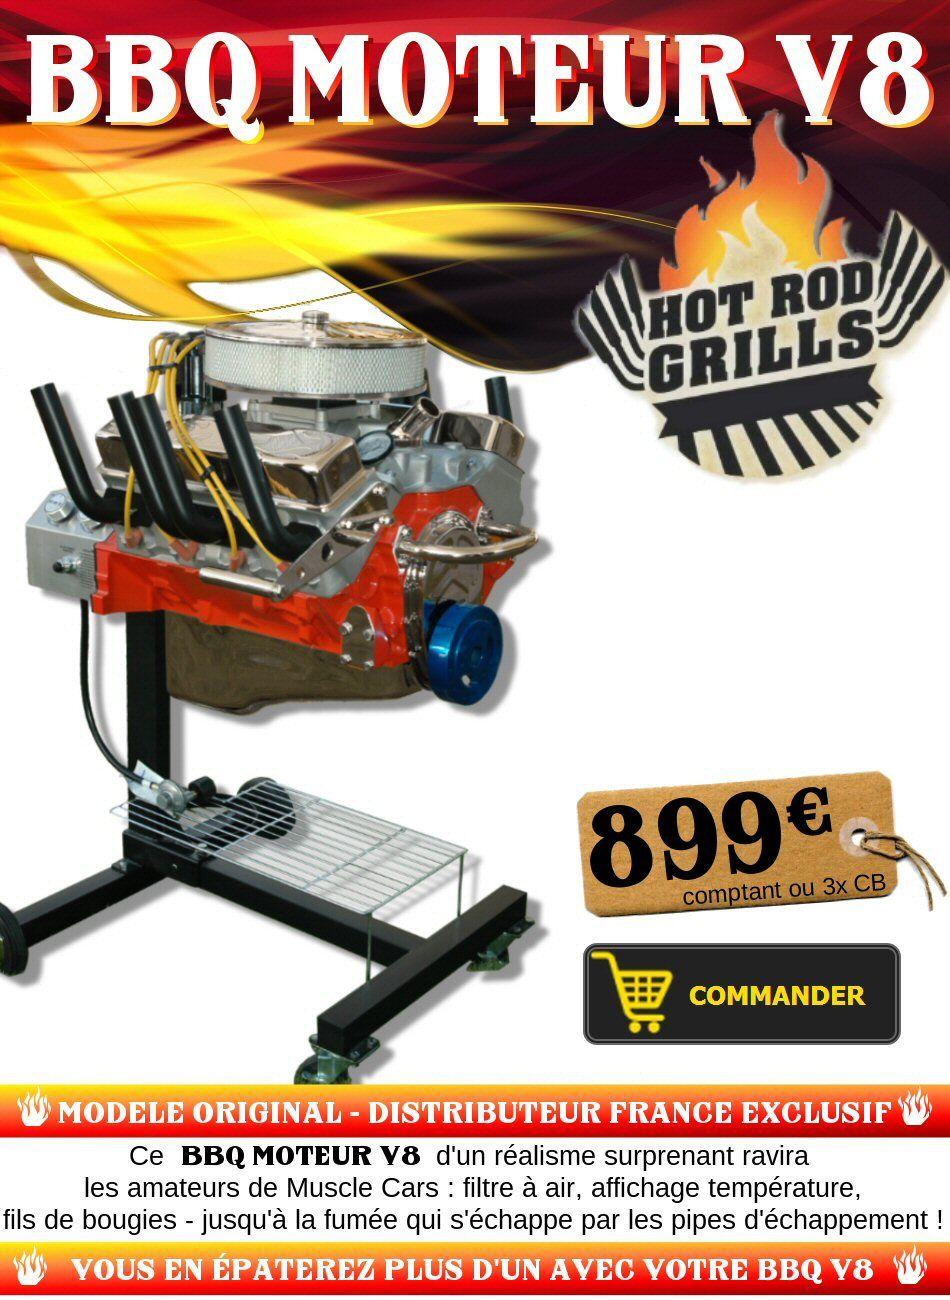 BBQ Moteur V8 ! exclusivité Toopneus